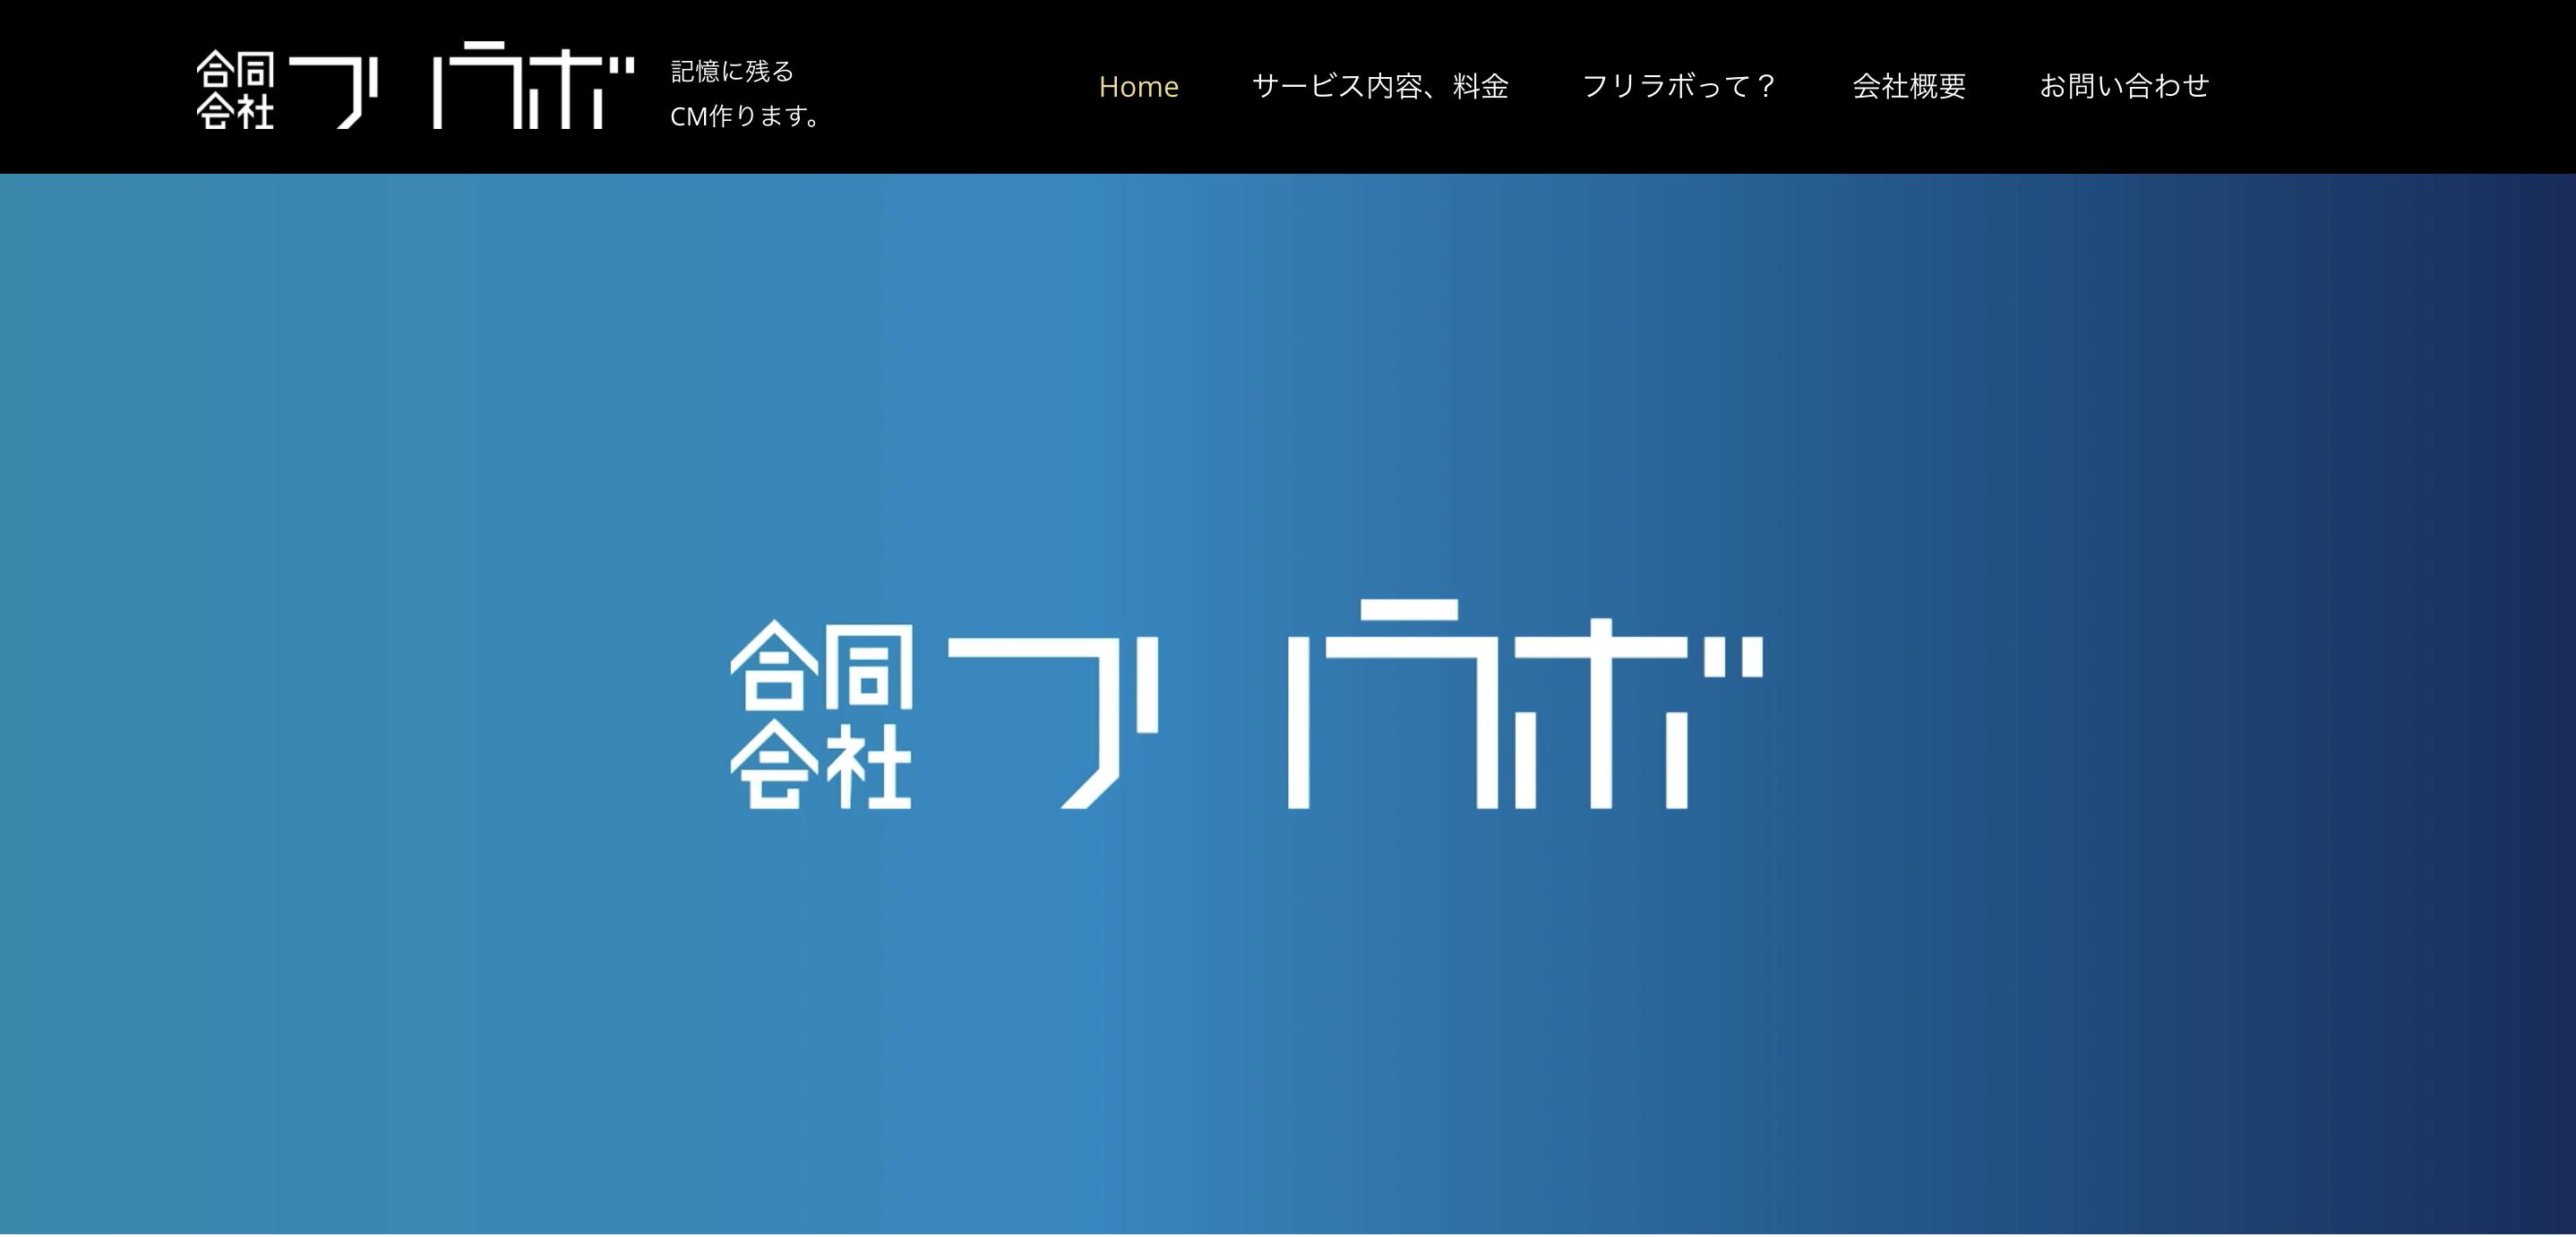 ホームページ制作実績合同会社フリラボ